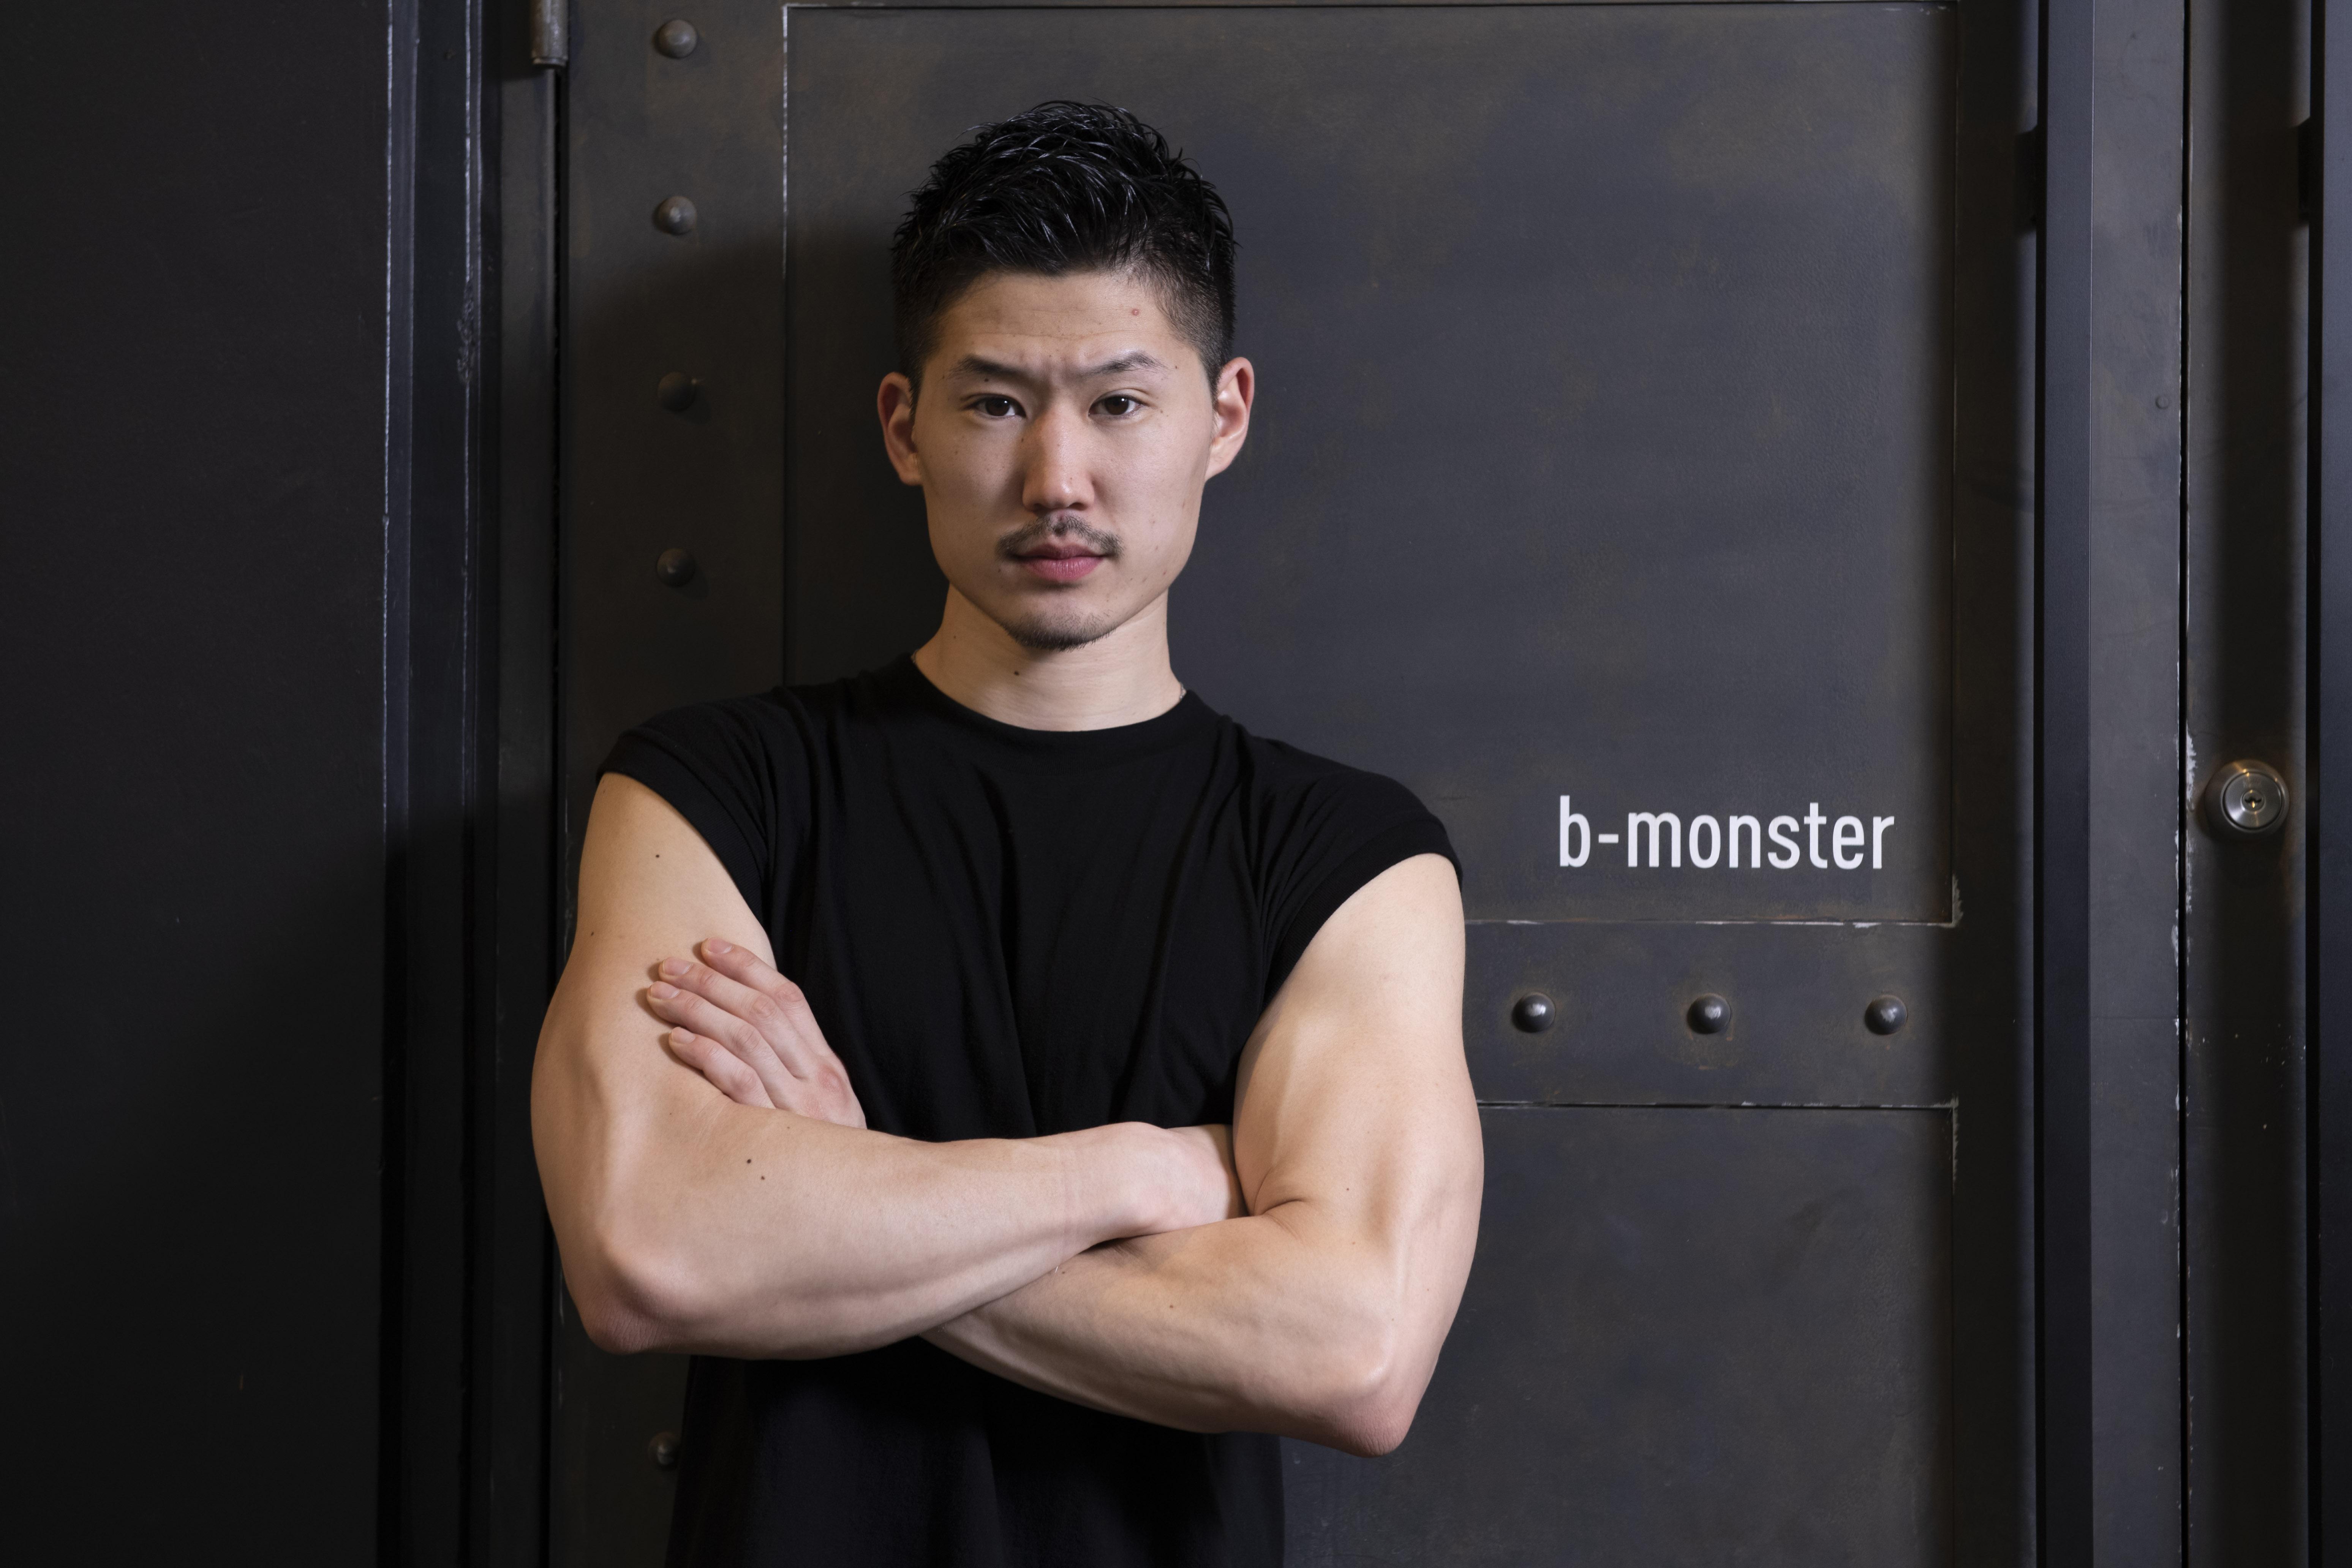 b-monsterインストラクターSHINのインタビュー